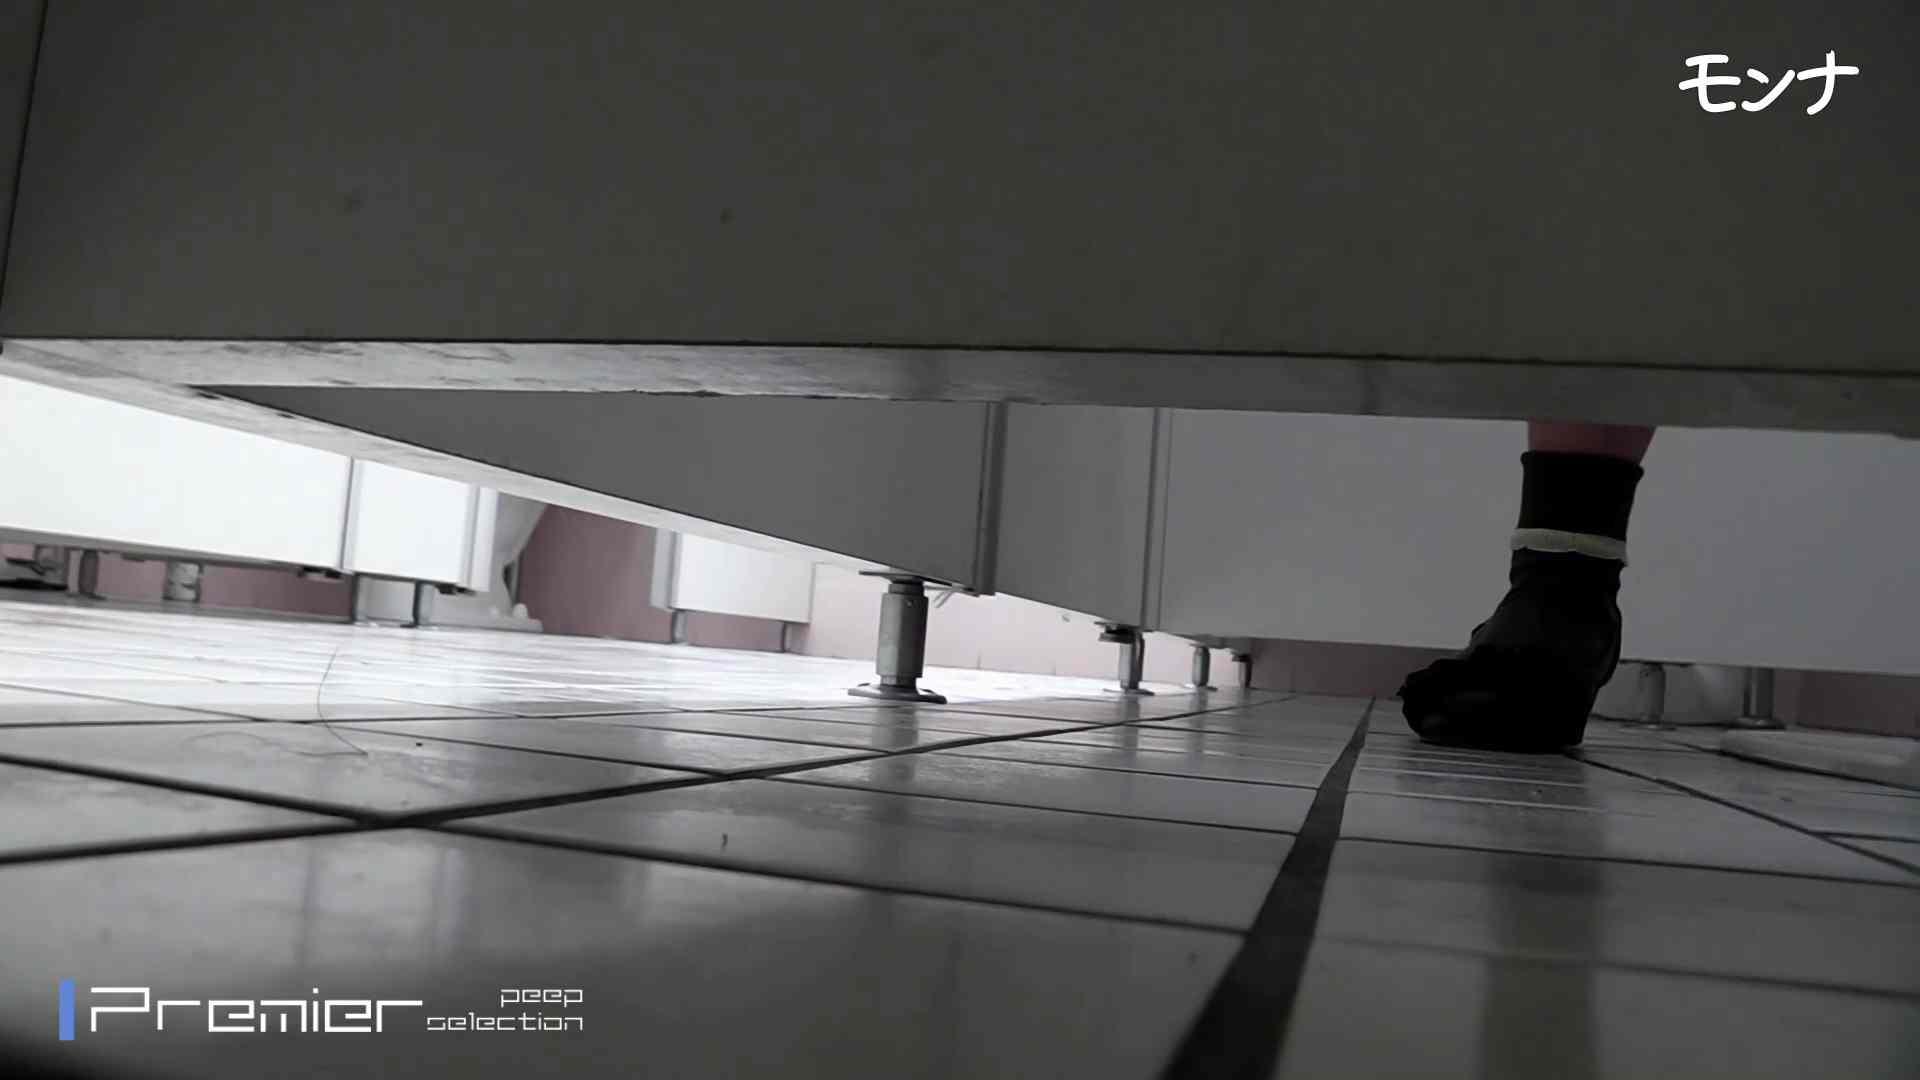 美しい日本の未来 No.84この美脚と距離感 盗撮エロすぎ | 覗き  86連発 7